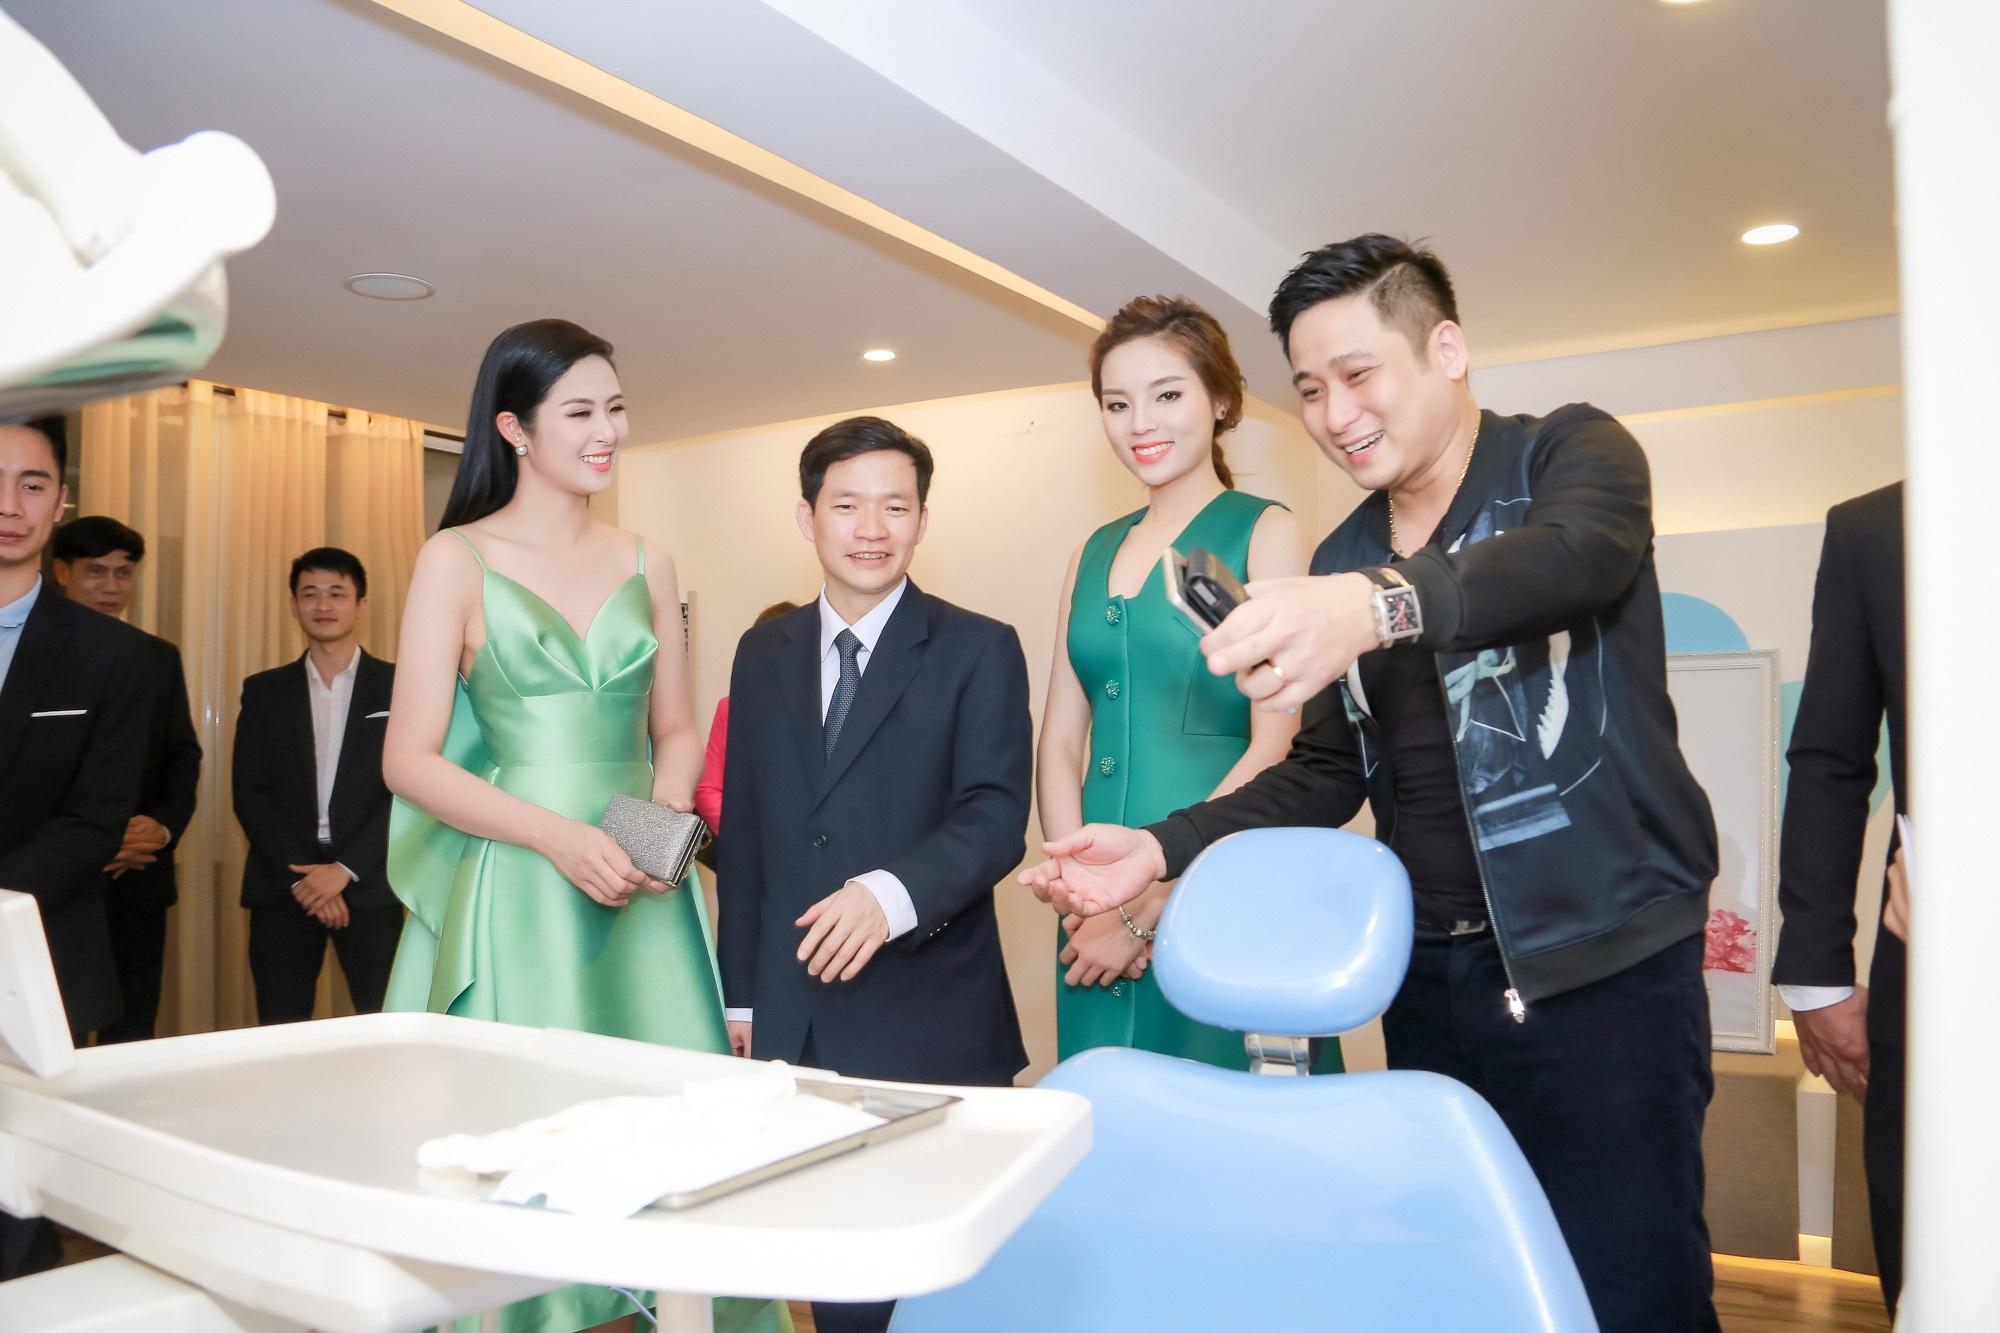 Tiến sĩ, Bác sĩ Nguyễn Phú Hòa dẫn khách mời tham quan cơ sở vật chất tại Nha Khoa Quốc Tế Việt Đức (cơ sở 2 tại số 484, Trần Khát Chân, Hai Bà Trưng, Hà Nội)